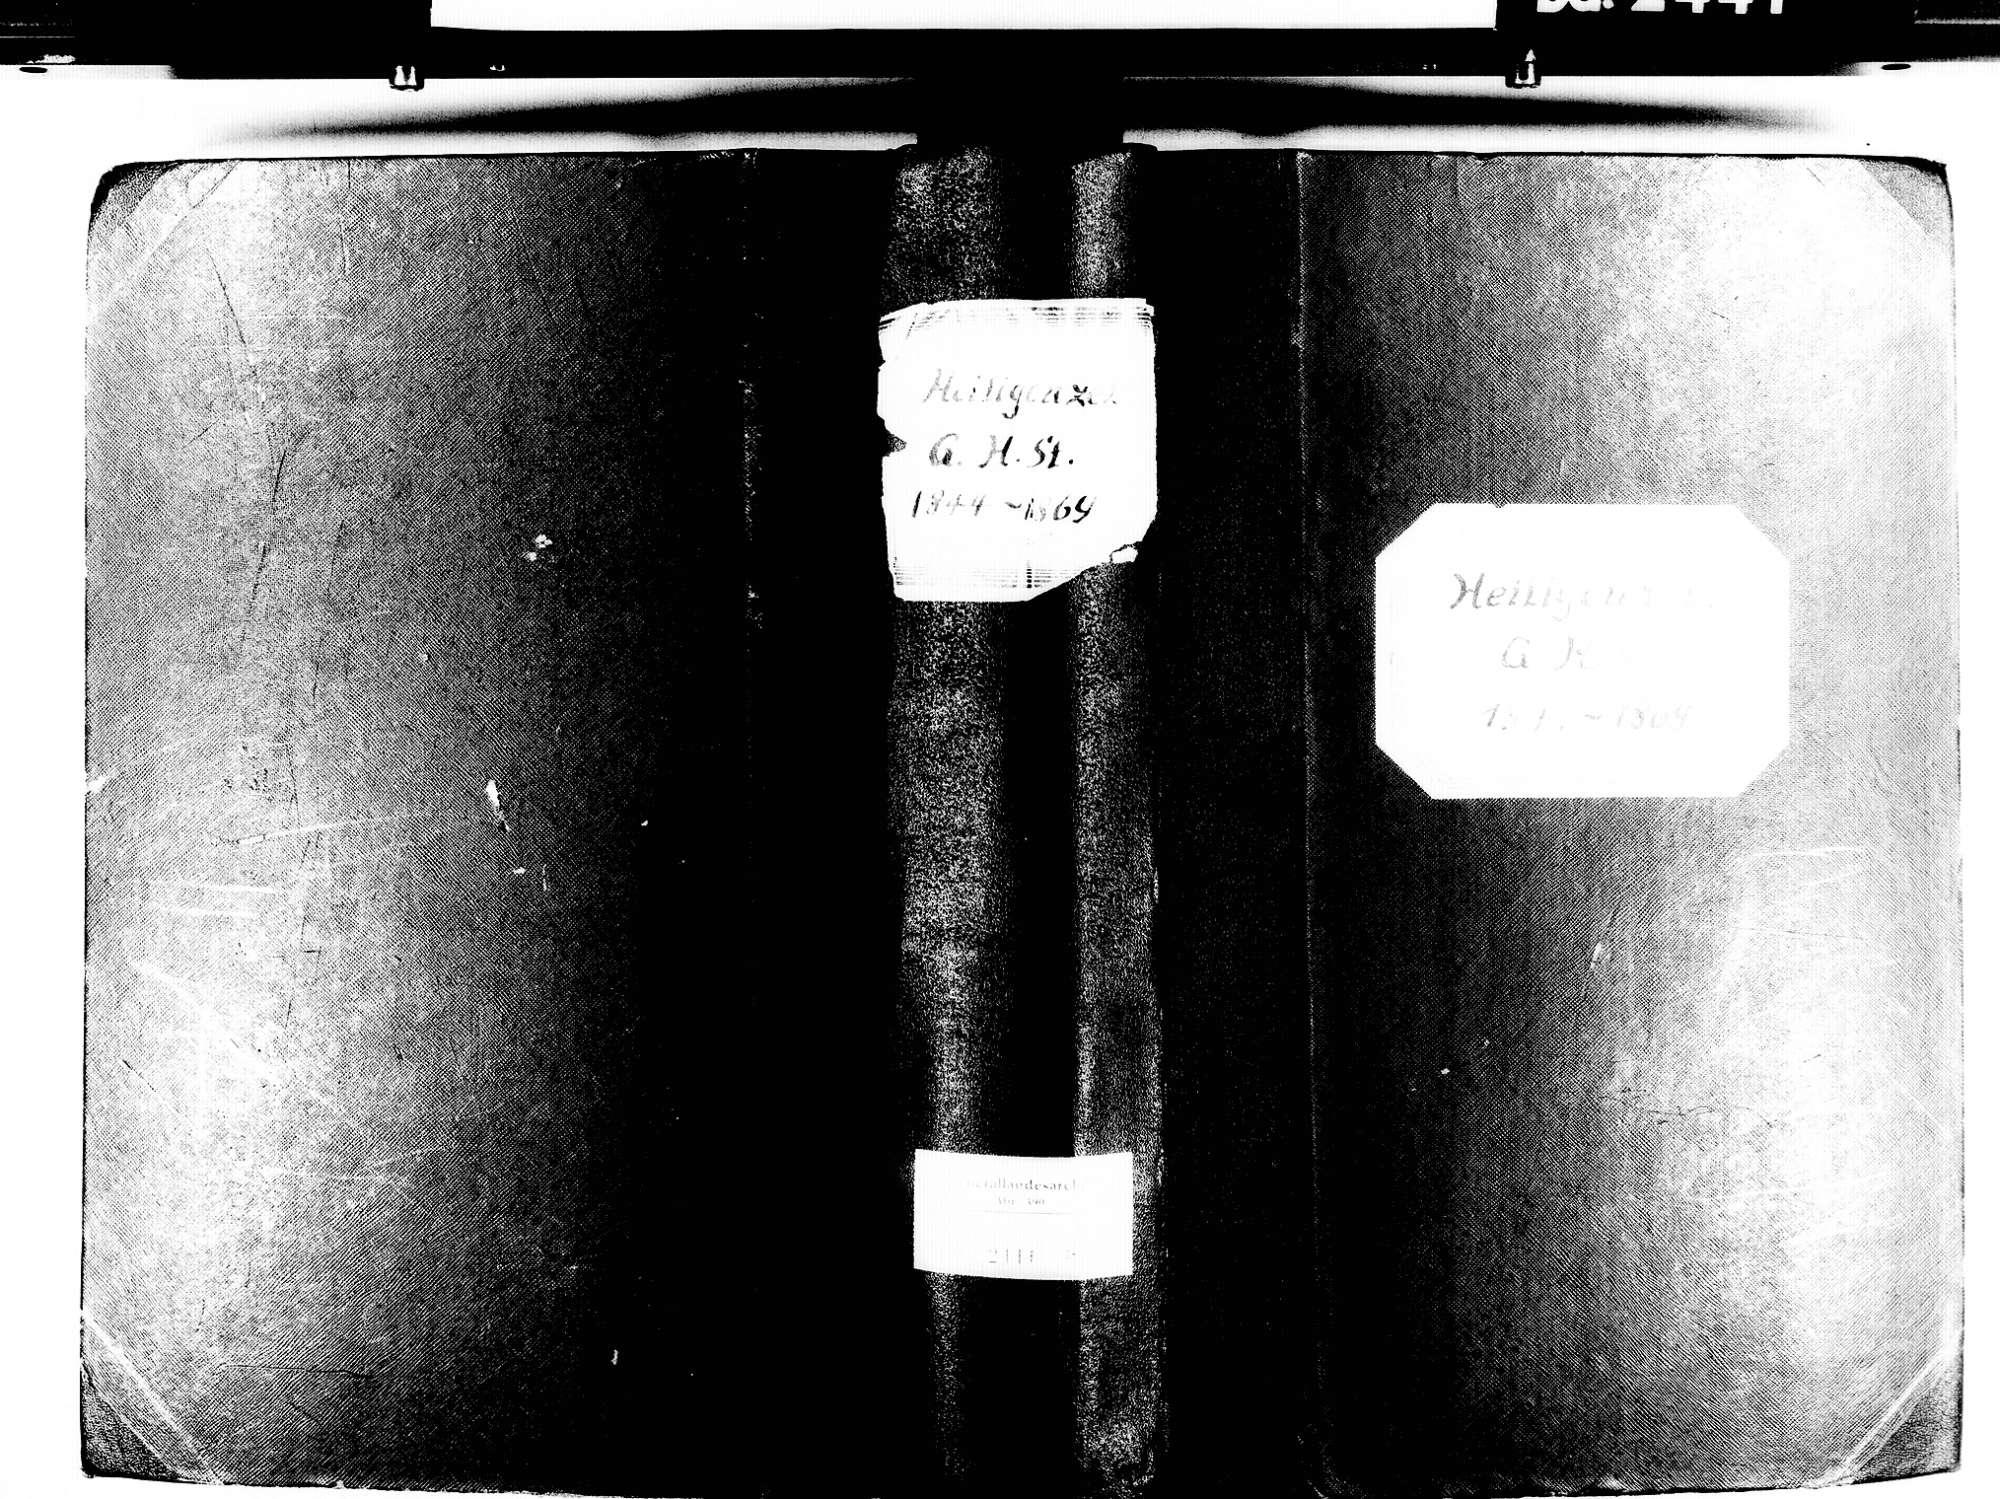 Heiligenzell, Friesenheim OG; Evangelische Gemeinde: Standesbuch 1844-1869 Heiligenzell, Friesenheim OG; Katholische Gemeinde: Standesbuch 1844-1869, Bild 1